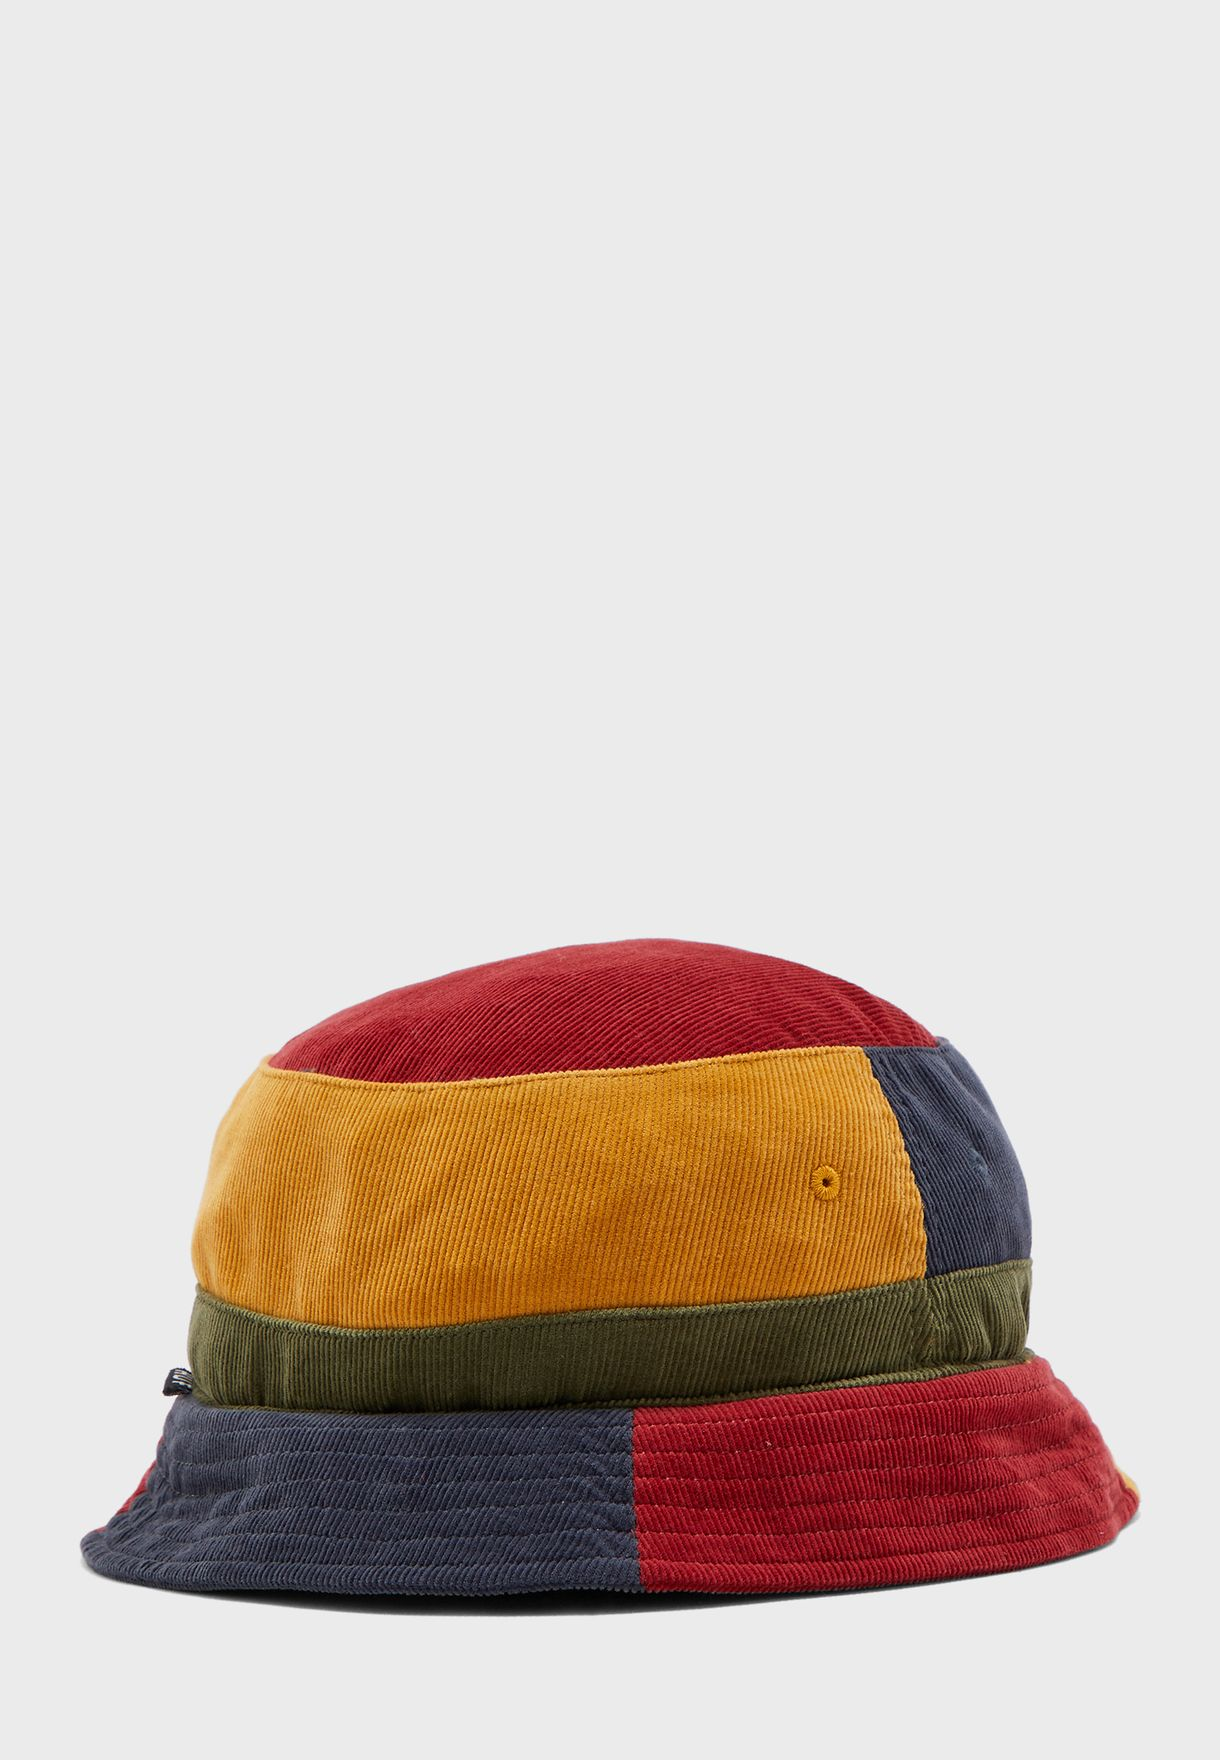 قبعة قطن خالص